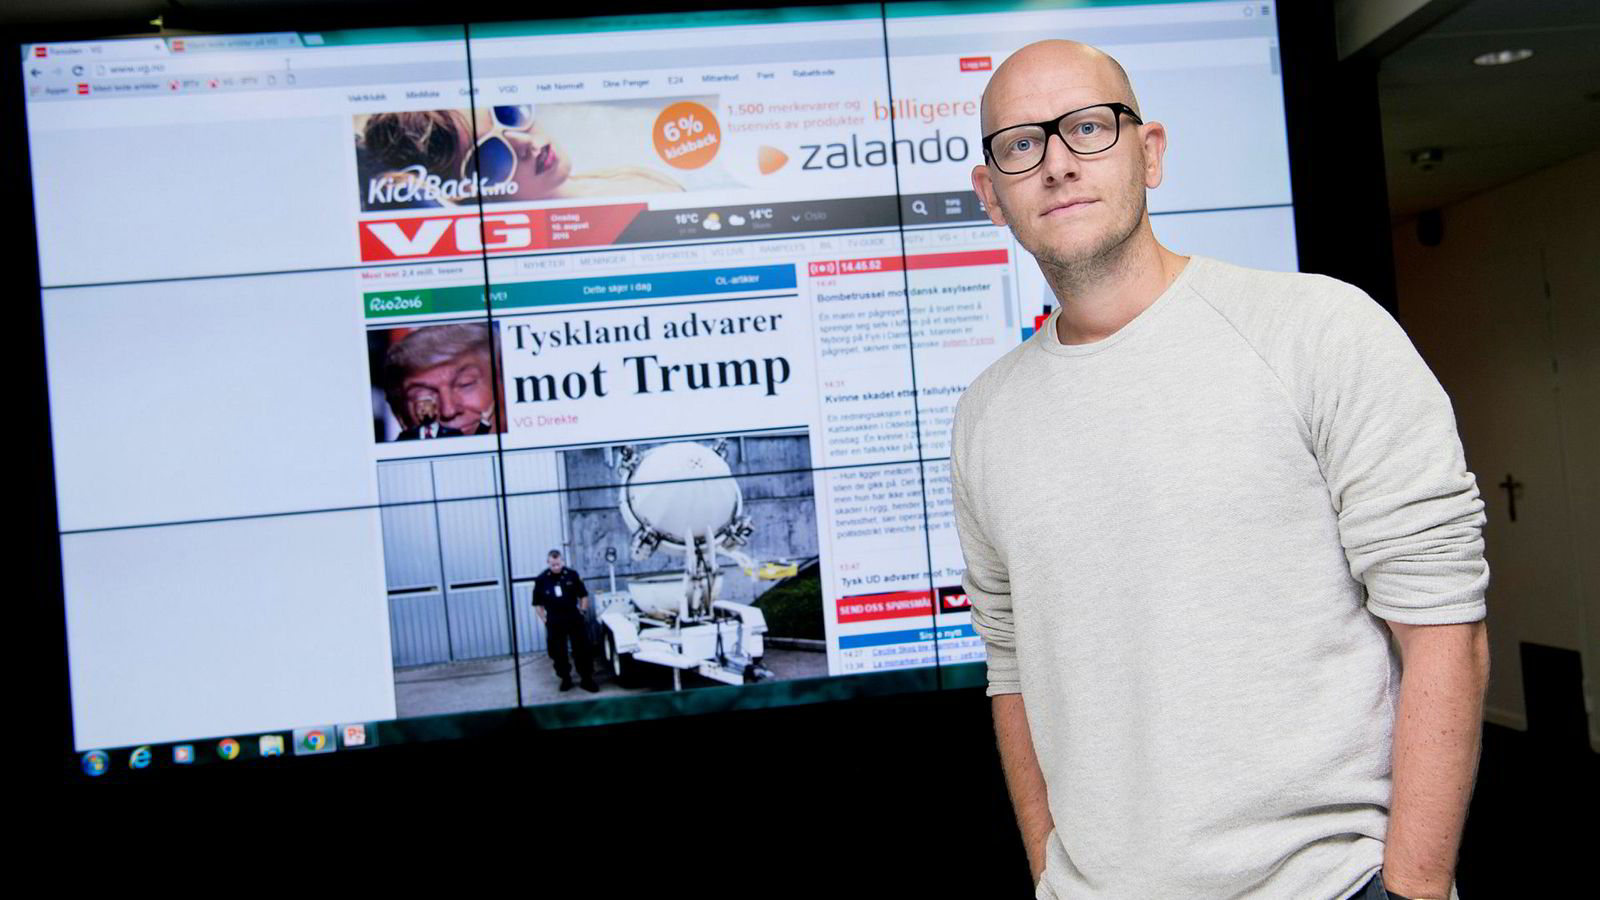 VGs egen granskningsrapport kommer neste uke, sier digitalredaktør Ola Stenberg.